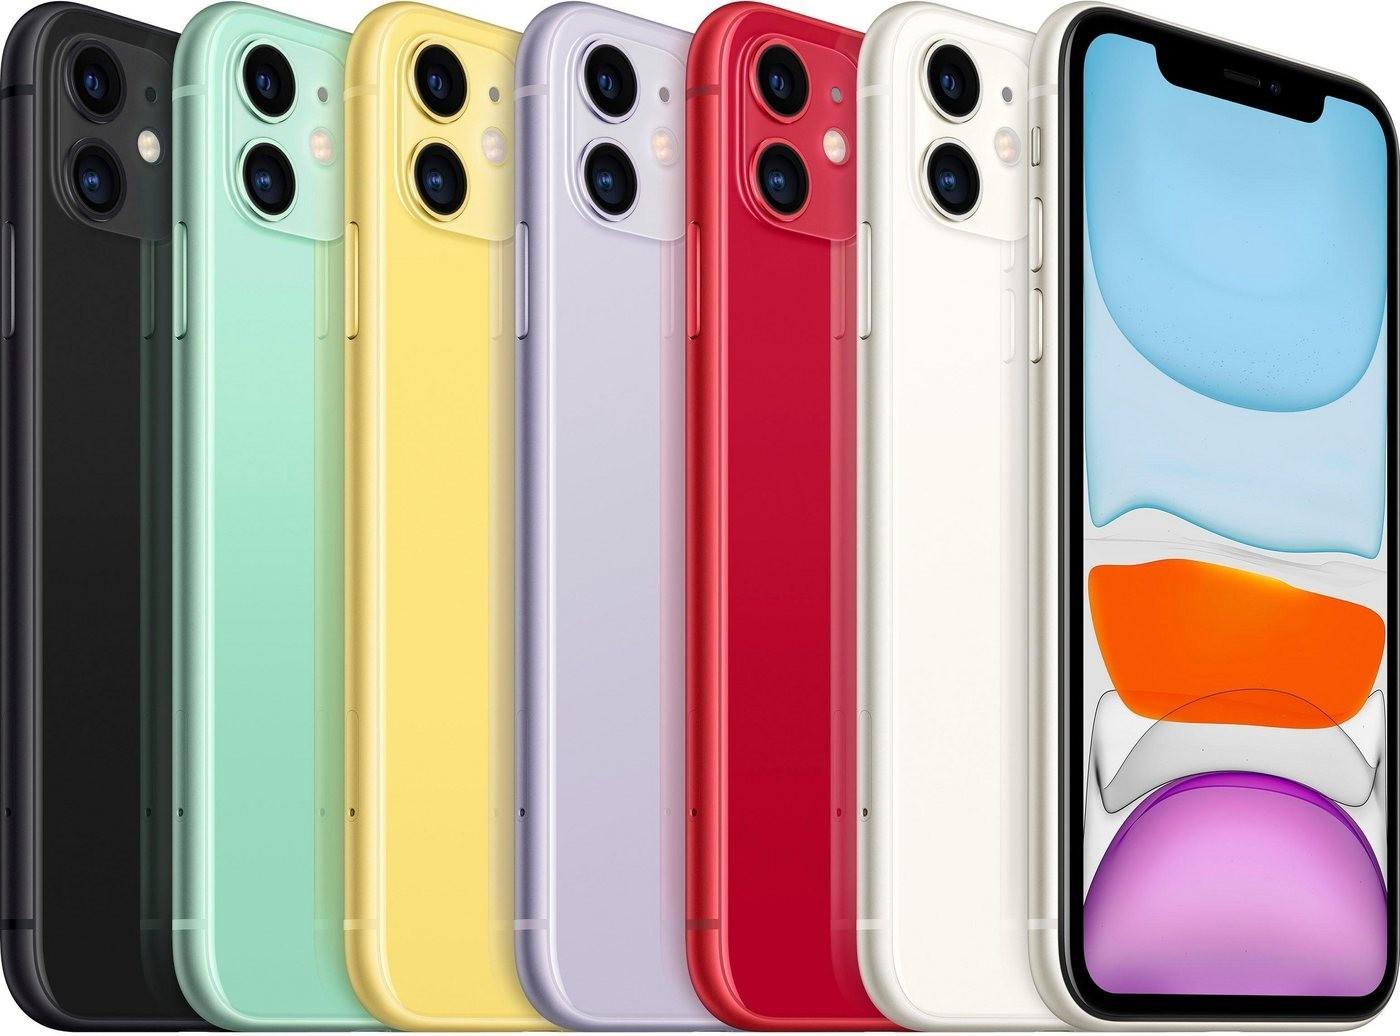 [Young+MagentaEINS] Apple iPhone 11 64GB im Telekom Magenta Mobil S (12GB LTE, StreamOn Music) mtl. 29,95€ und einmalig 119€